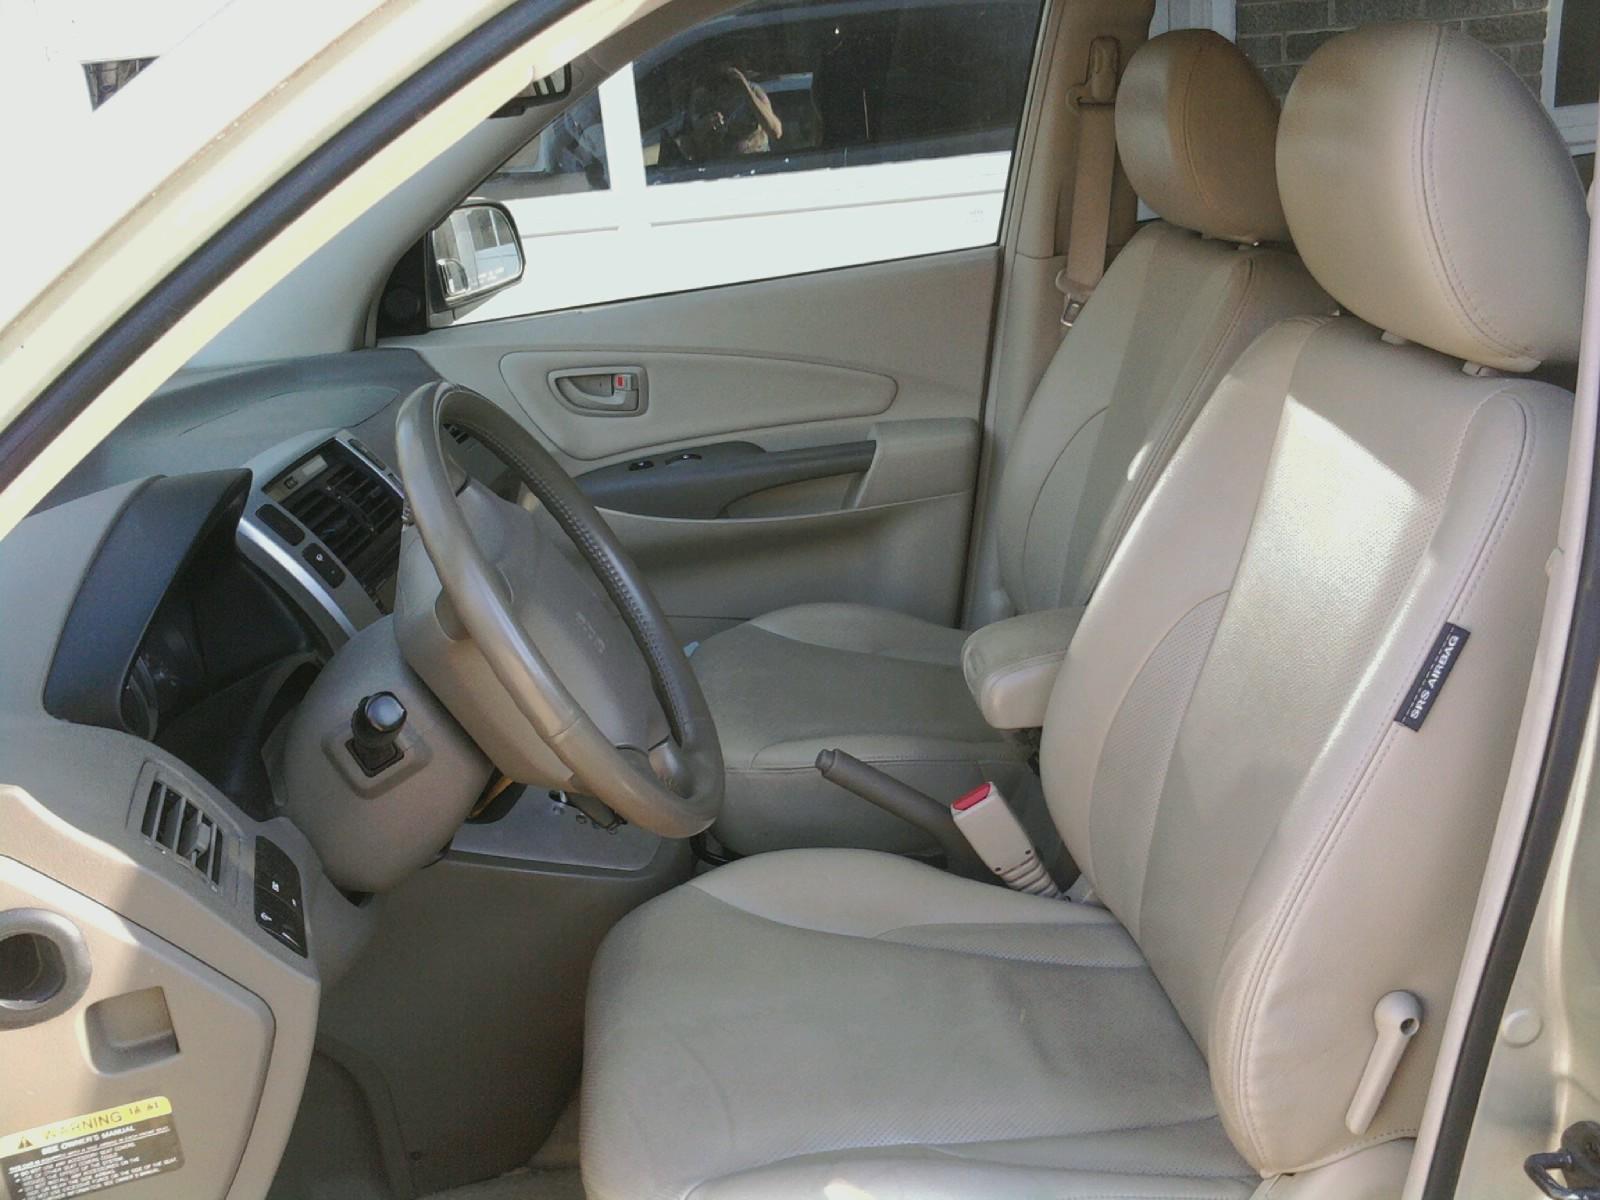 2007 Hyundai Tucson Interior Pictures Cargurus